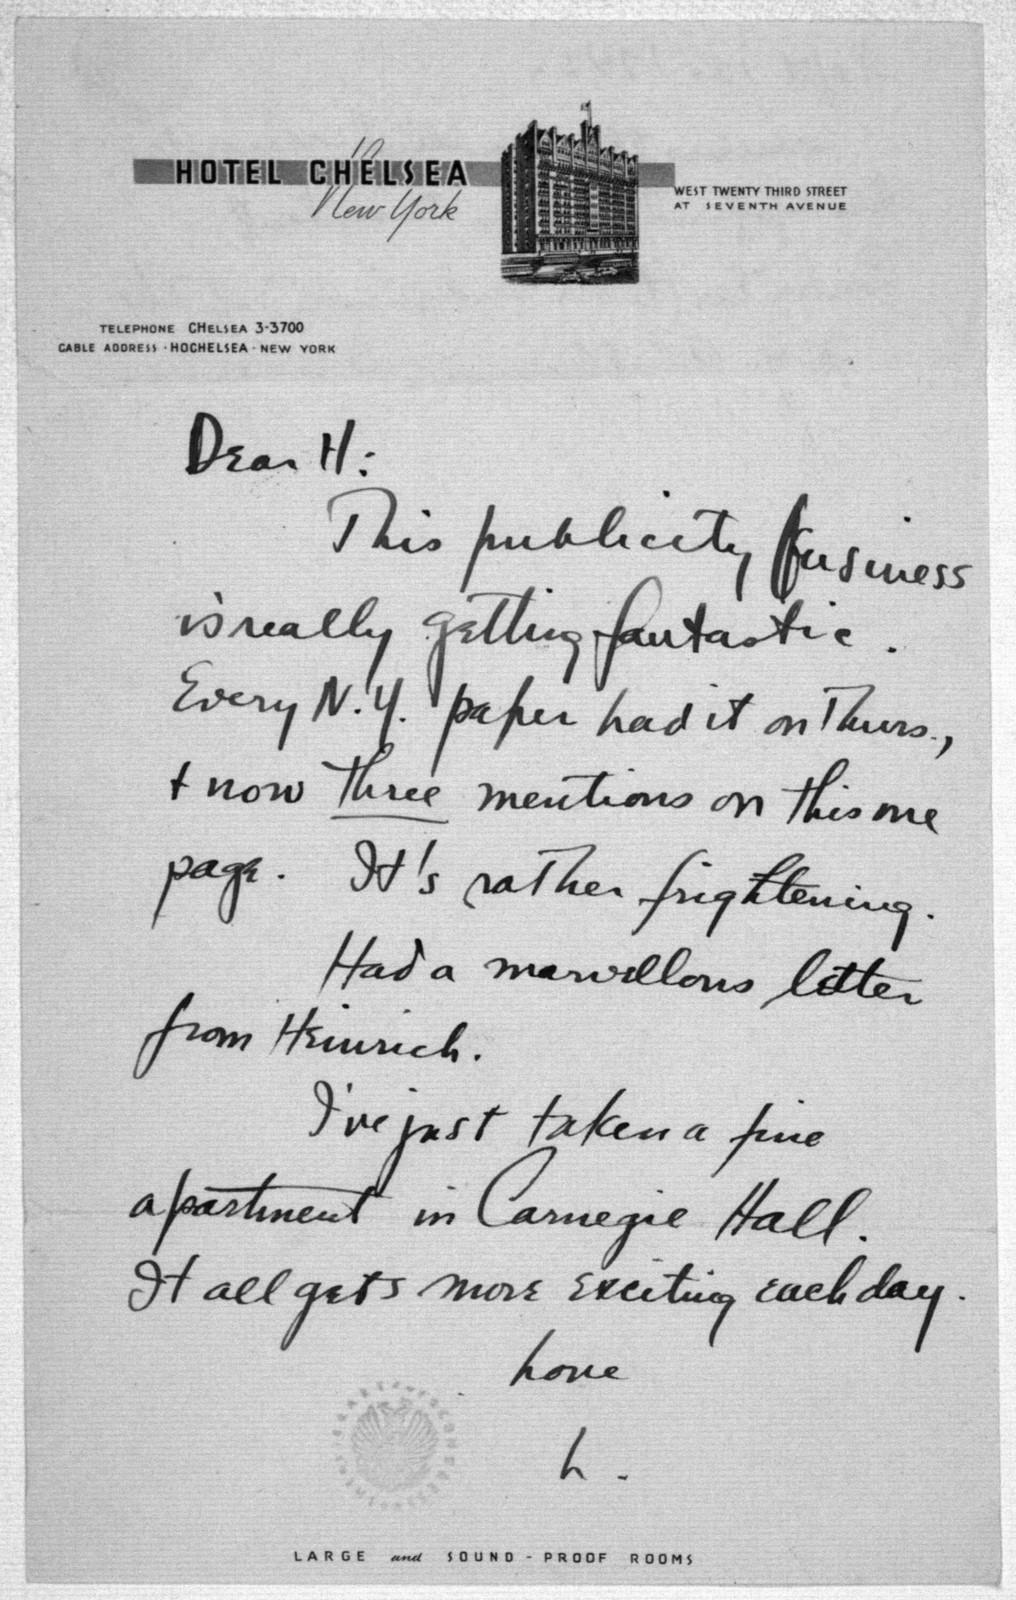 Letter from Leonard Bernstein to Helen Coates, September 13, 1943